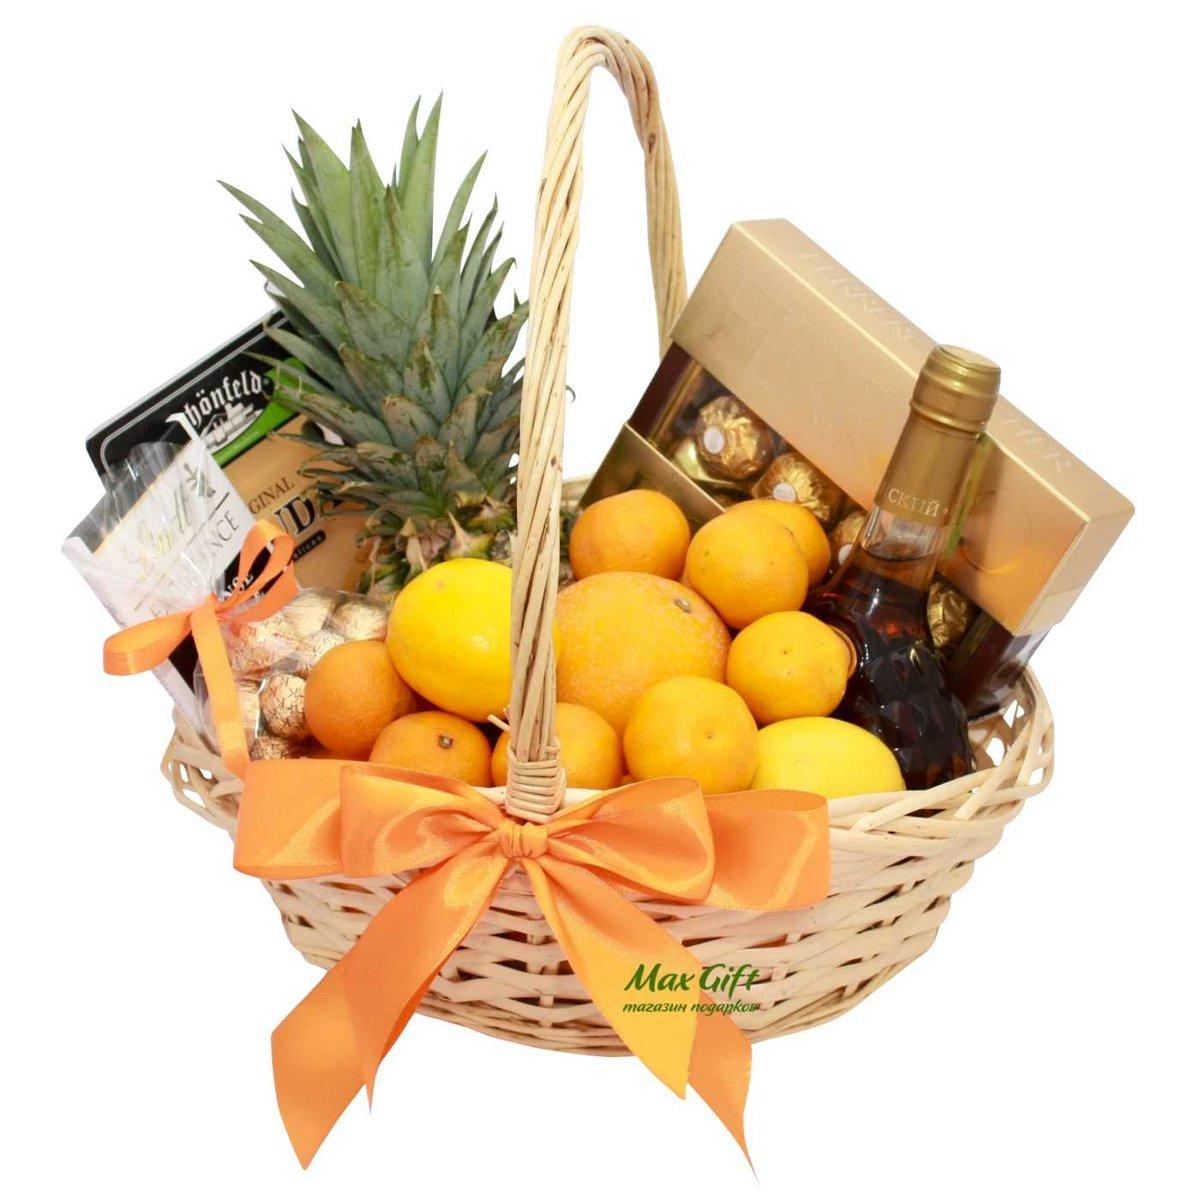 удобнее корзина с фруктами и вином в подарок своими руками фото избежать, зато результат